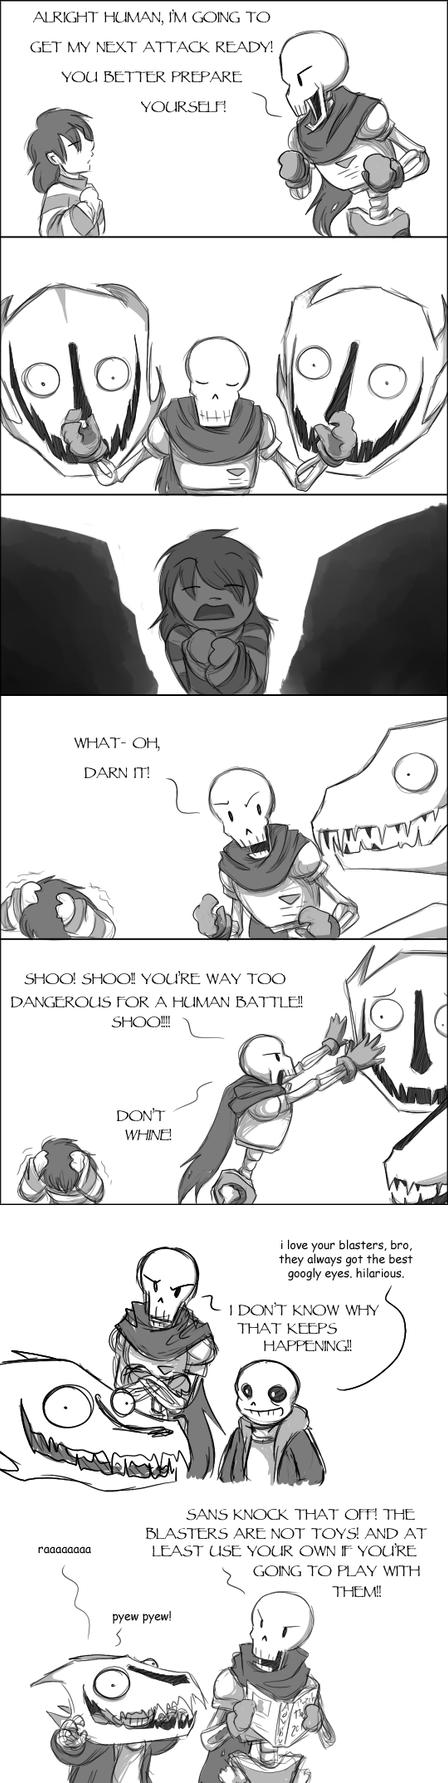 [UNDERTALE SPOILERS?] Blaster fun by zarla